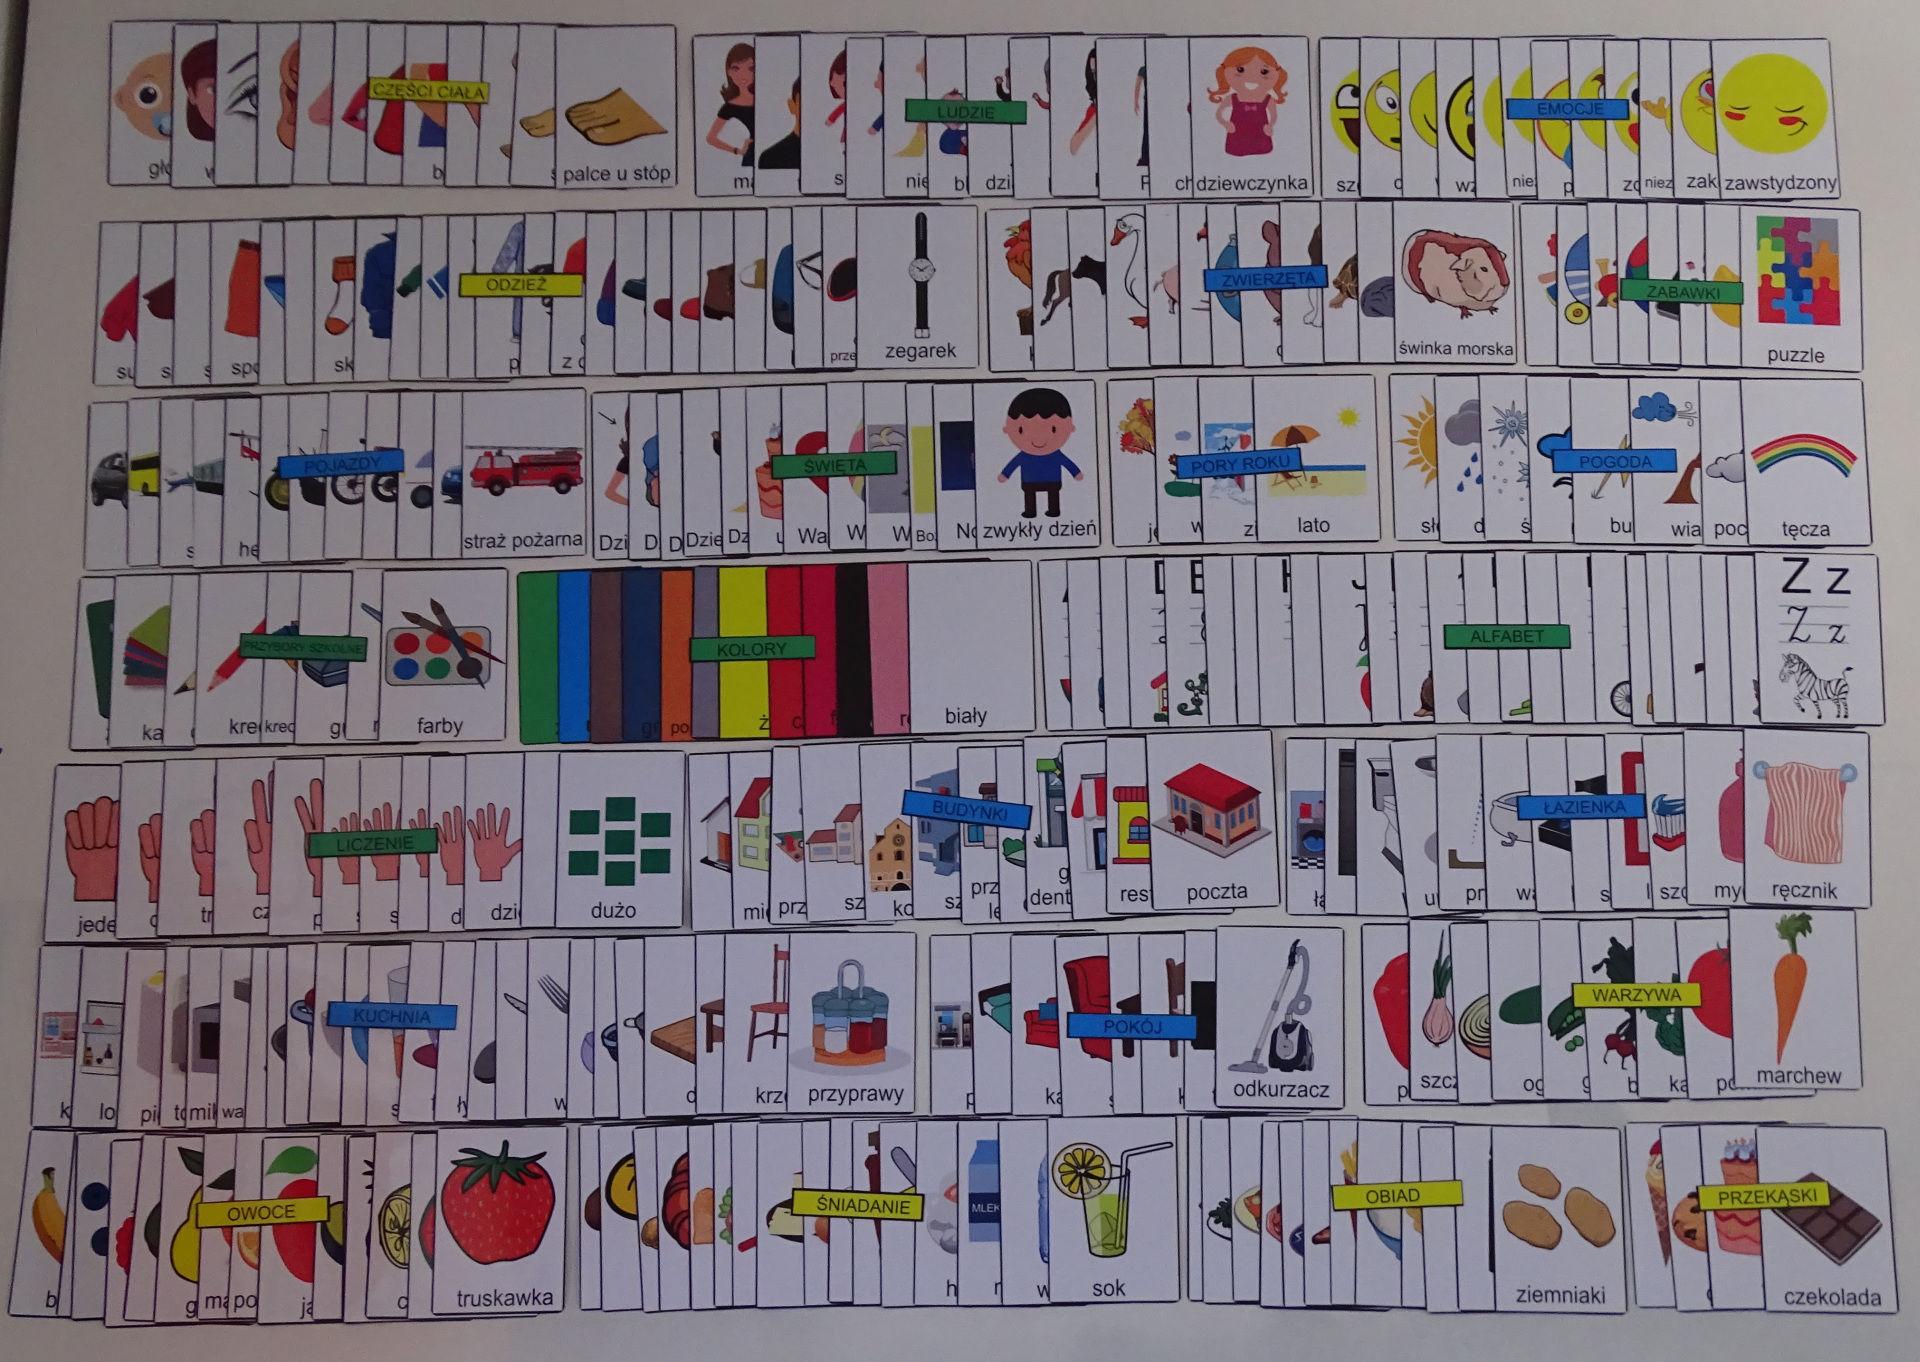 Mega zestaw kart edukacyjnych - czytanie globalne